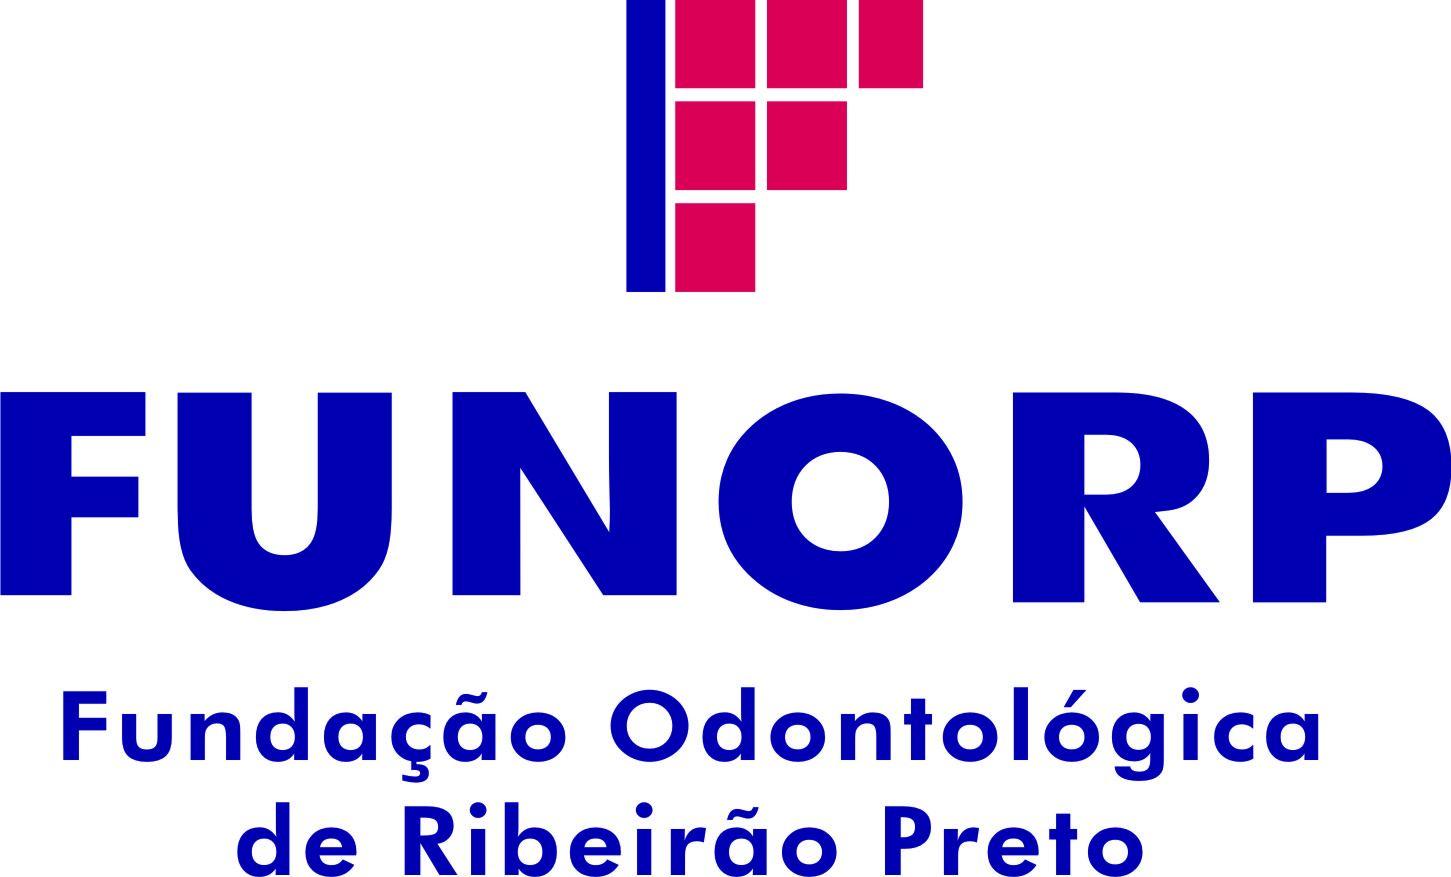 Especialização em Radiologia Odontológica e Imaginologia - PREVISÃO DE NOVA TURMA JUNHO DE 2019